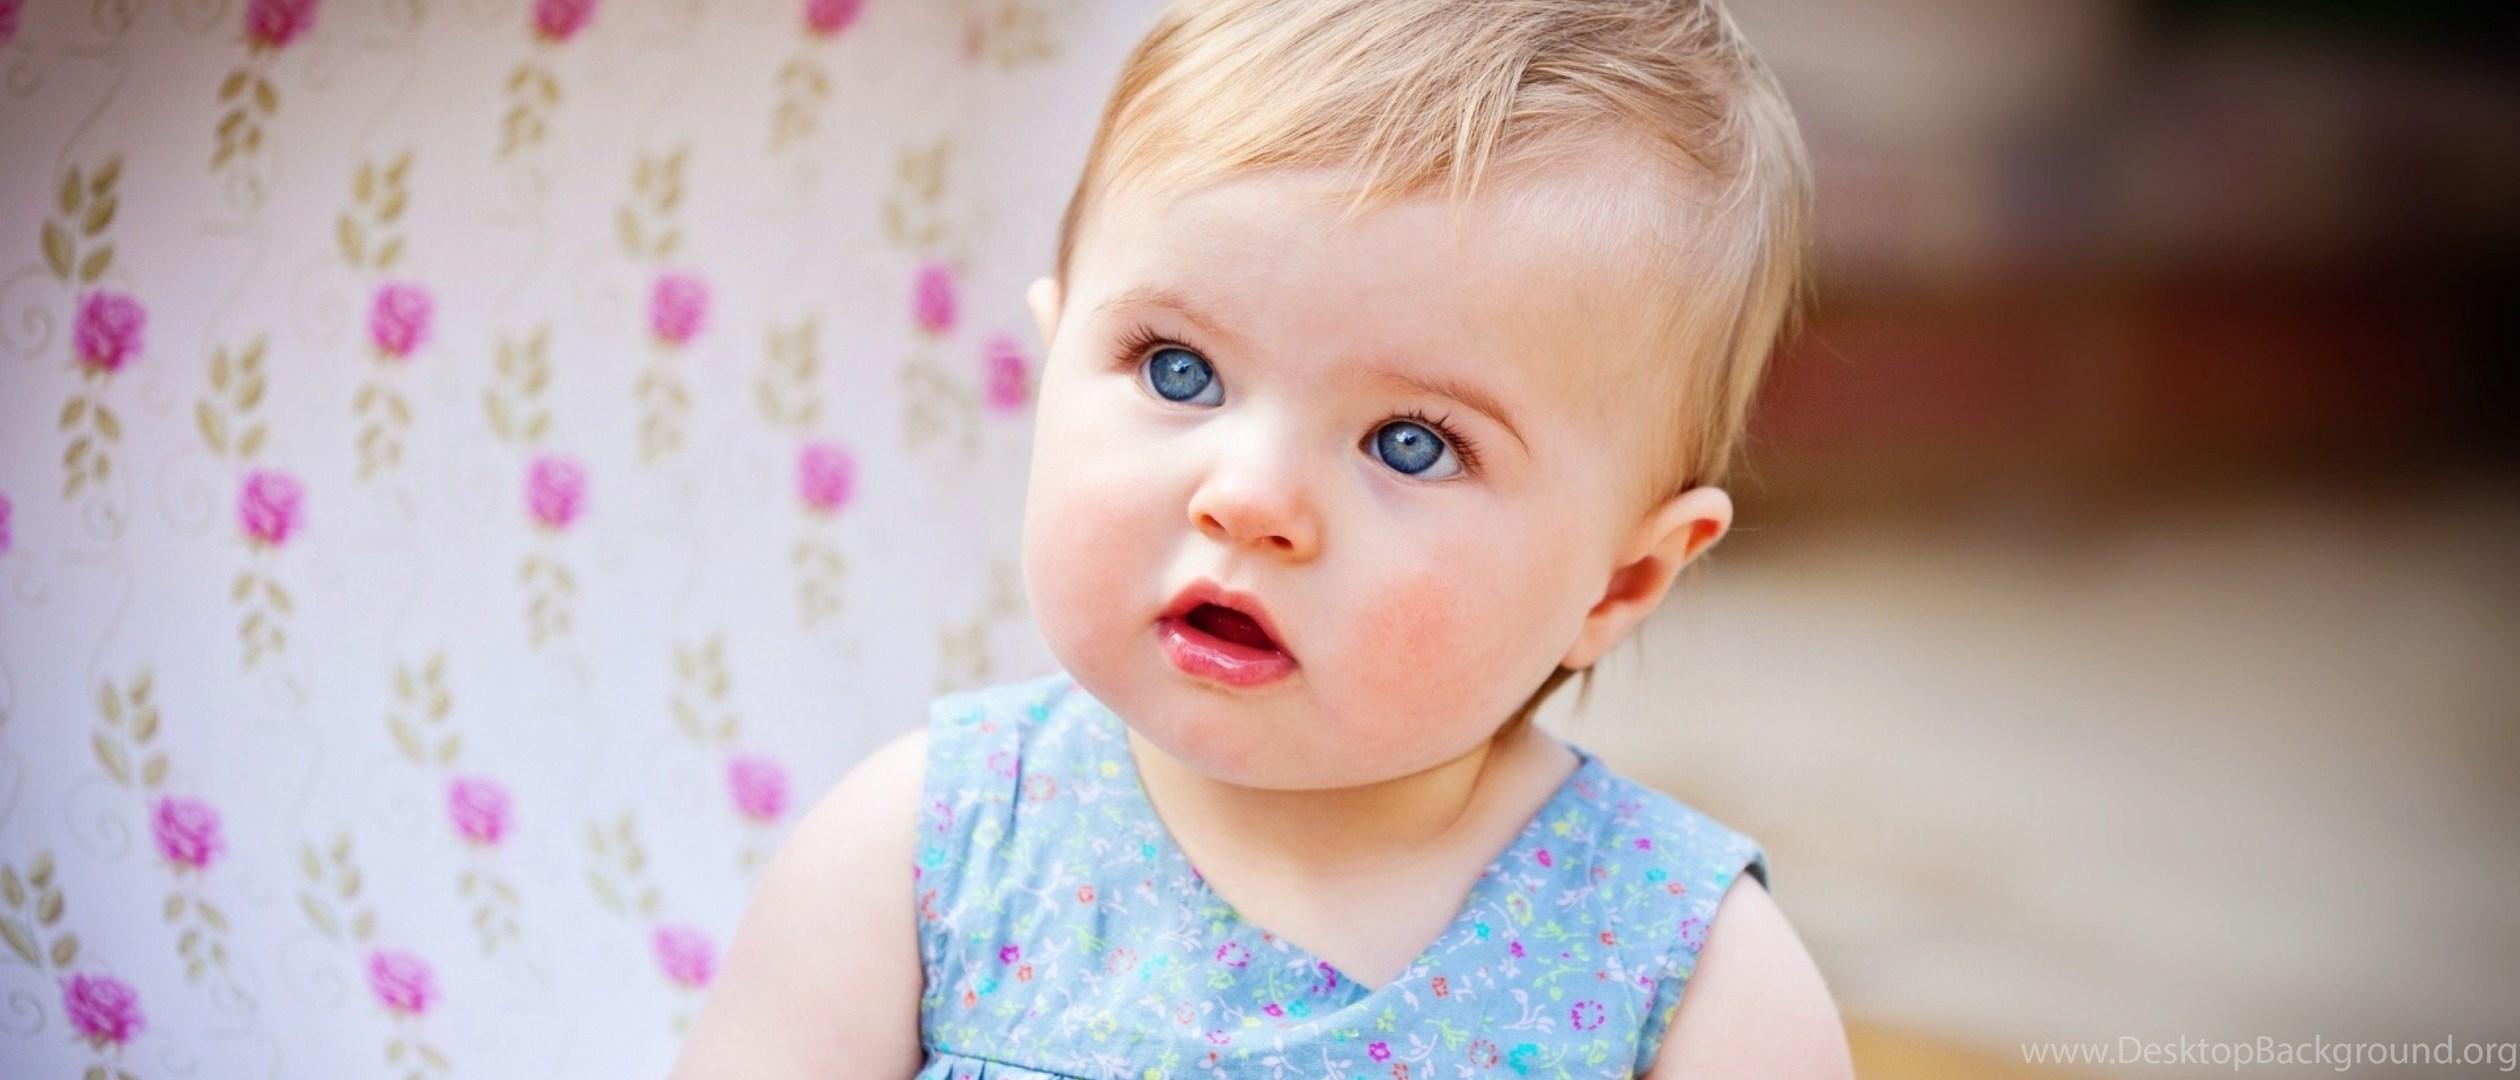 pics photos new baby - photo #3